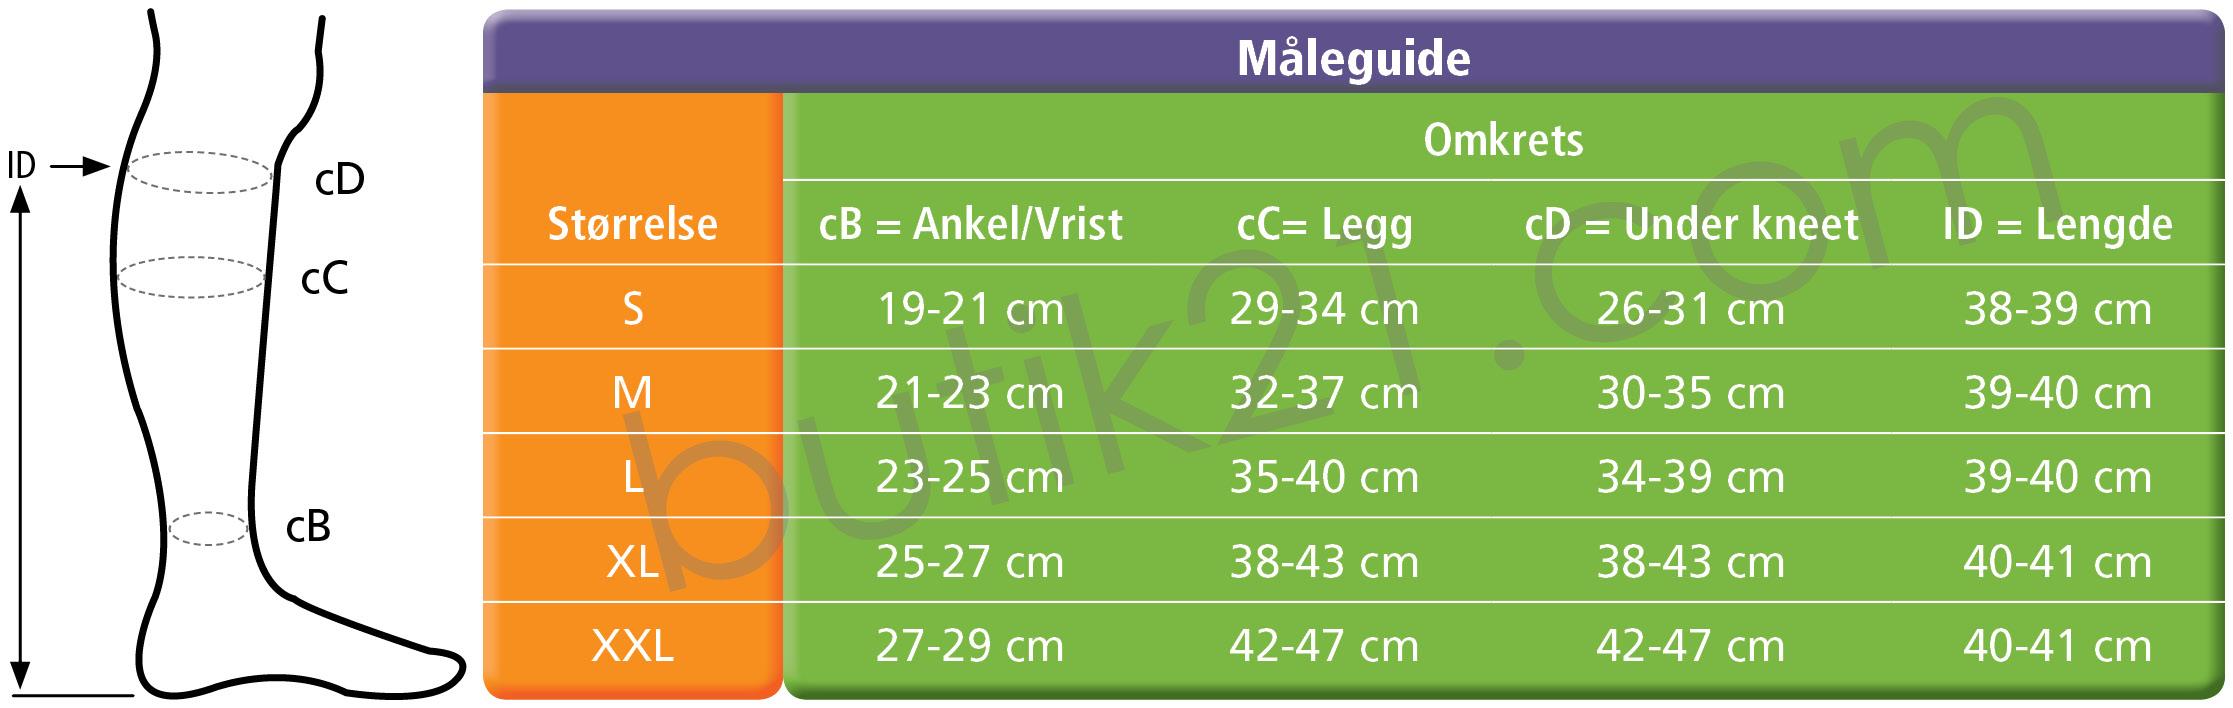 Maleguide medisinske støttestrømper (knestrømper)